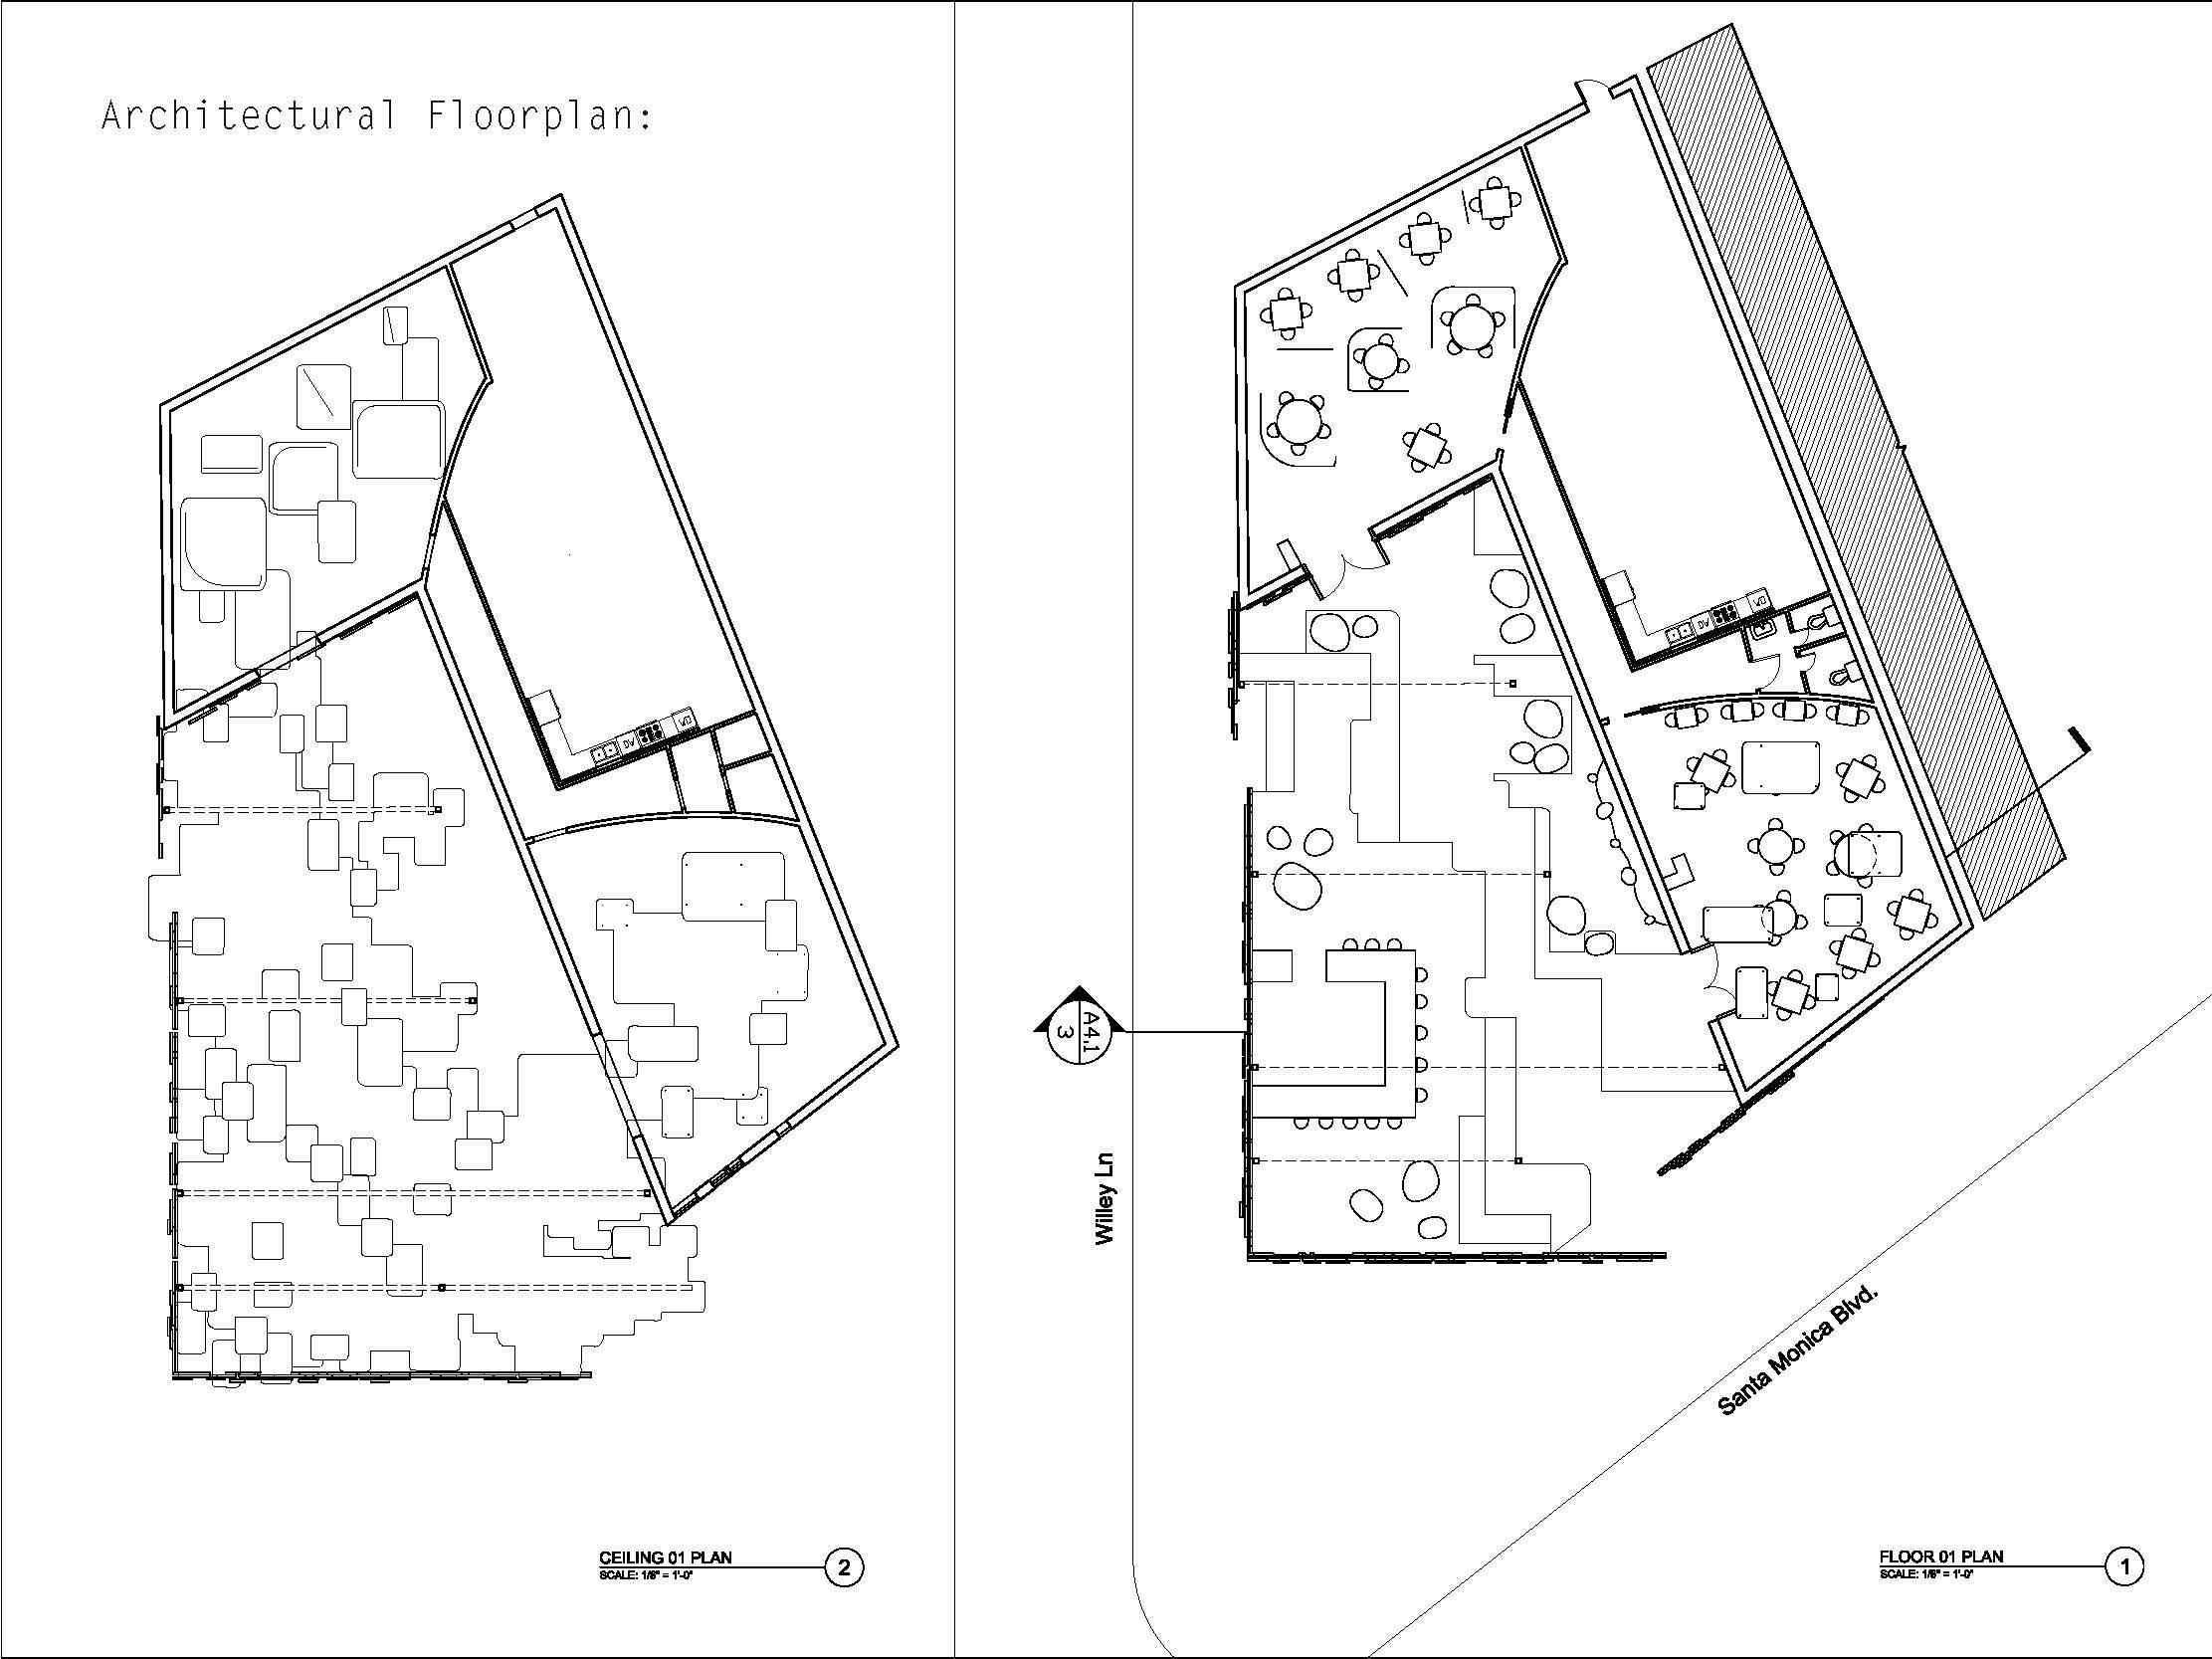 Floor plan + ceiling plan